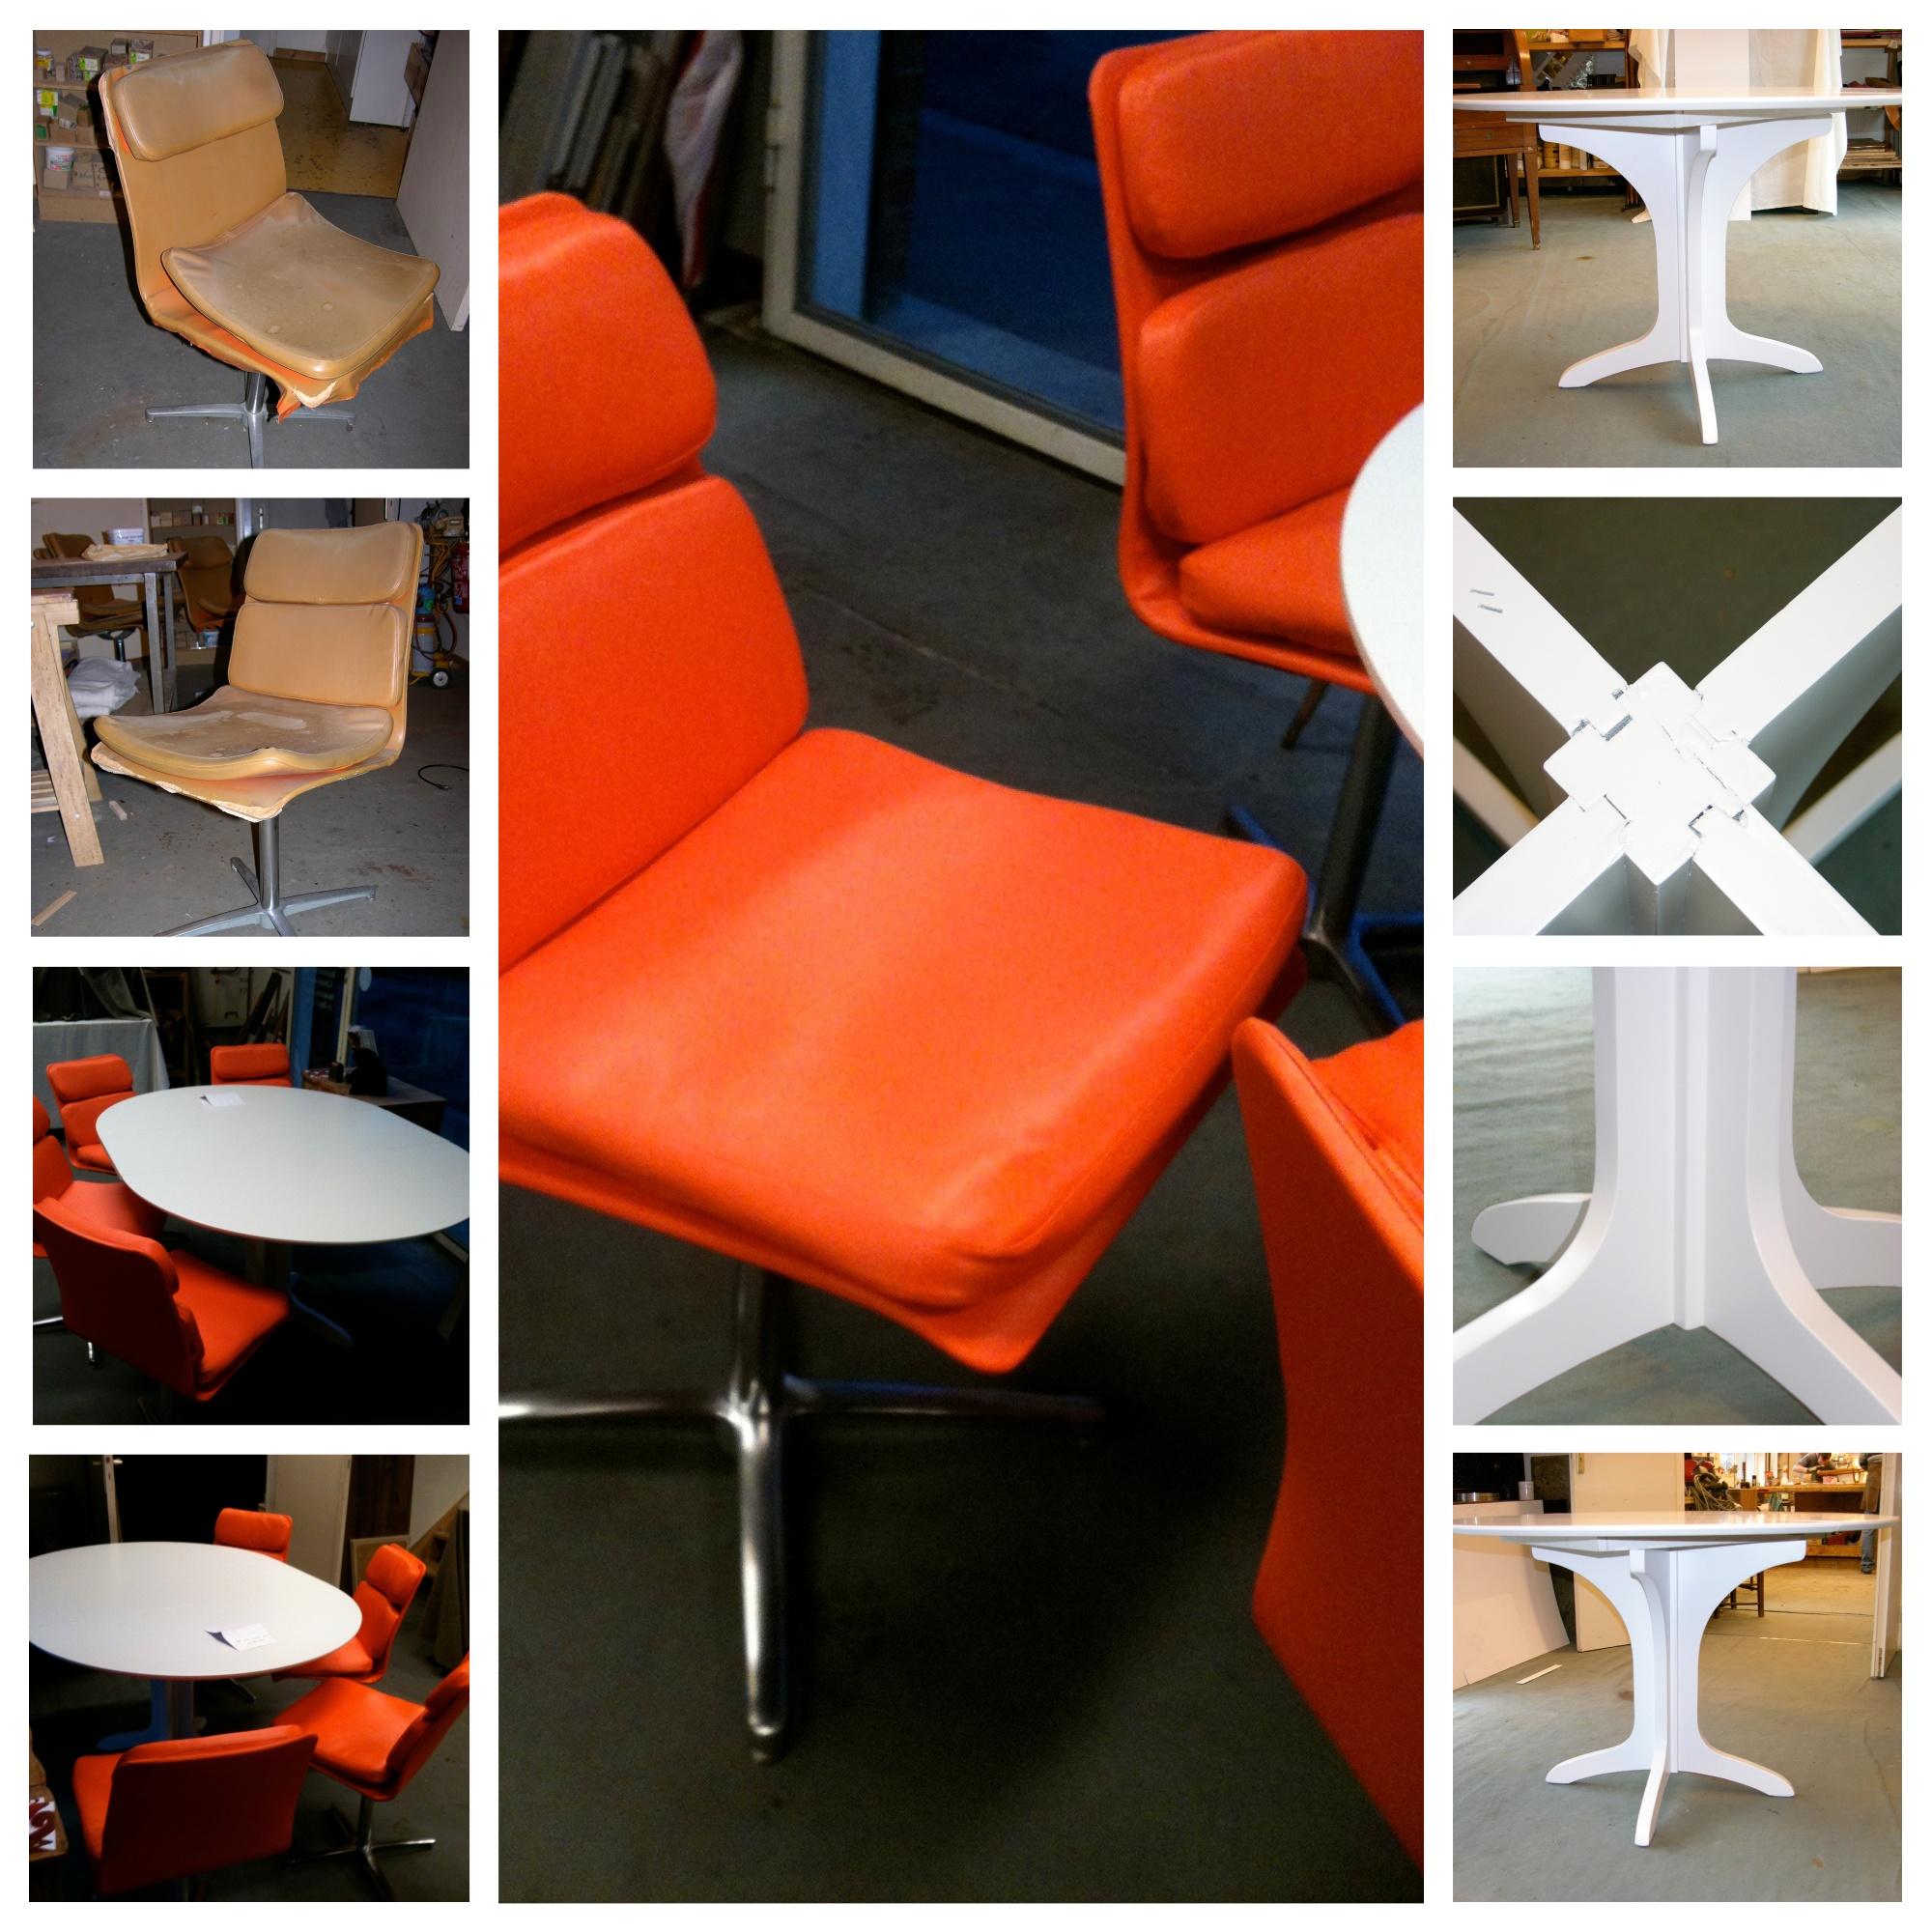 sièges Roche Bobois recouverts de cuir